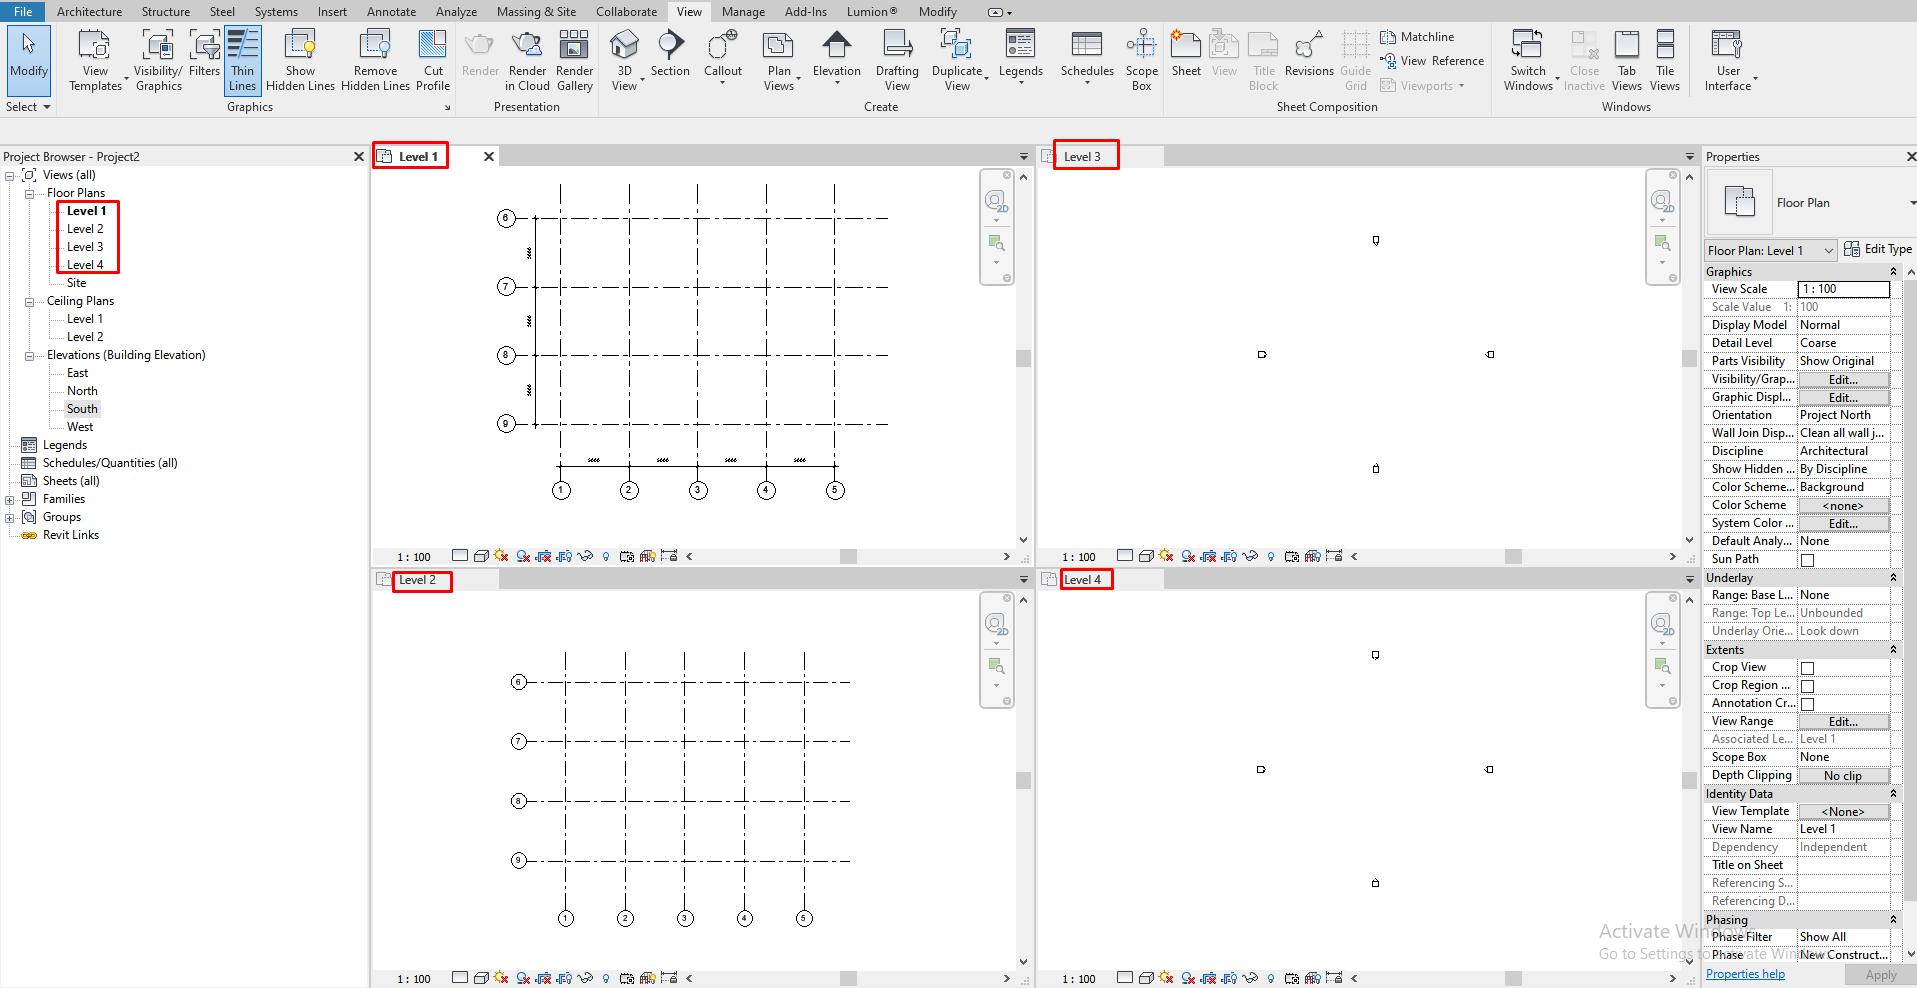 Sửa lưới trục khi không nhìn thấy trên mặt bằng sàn 2